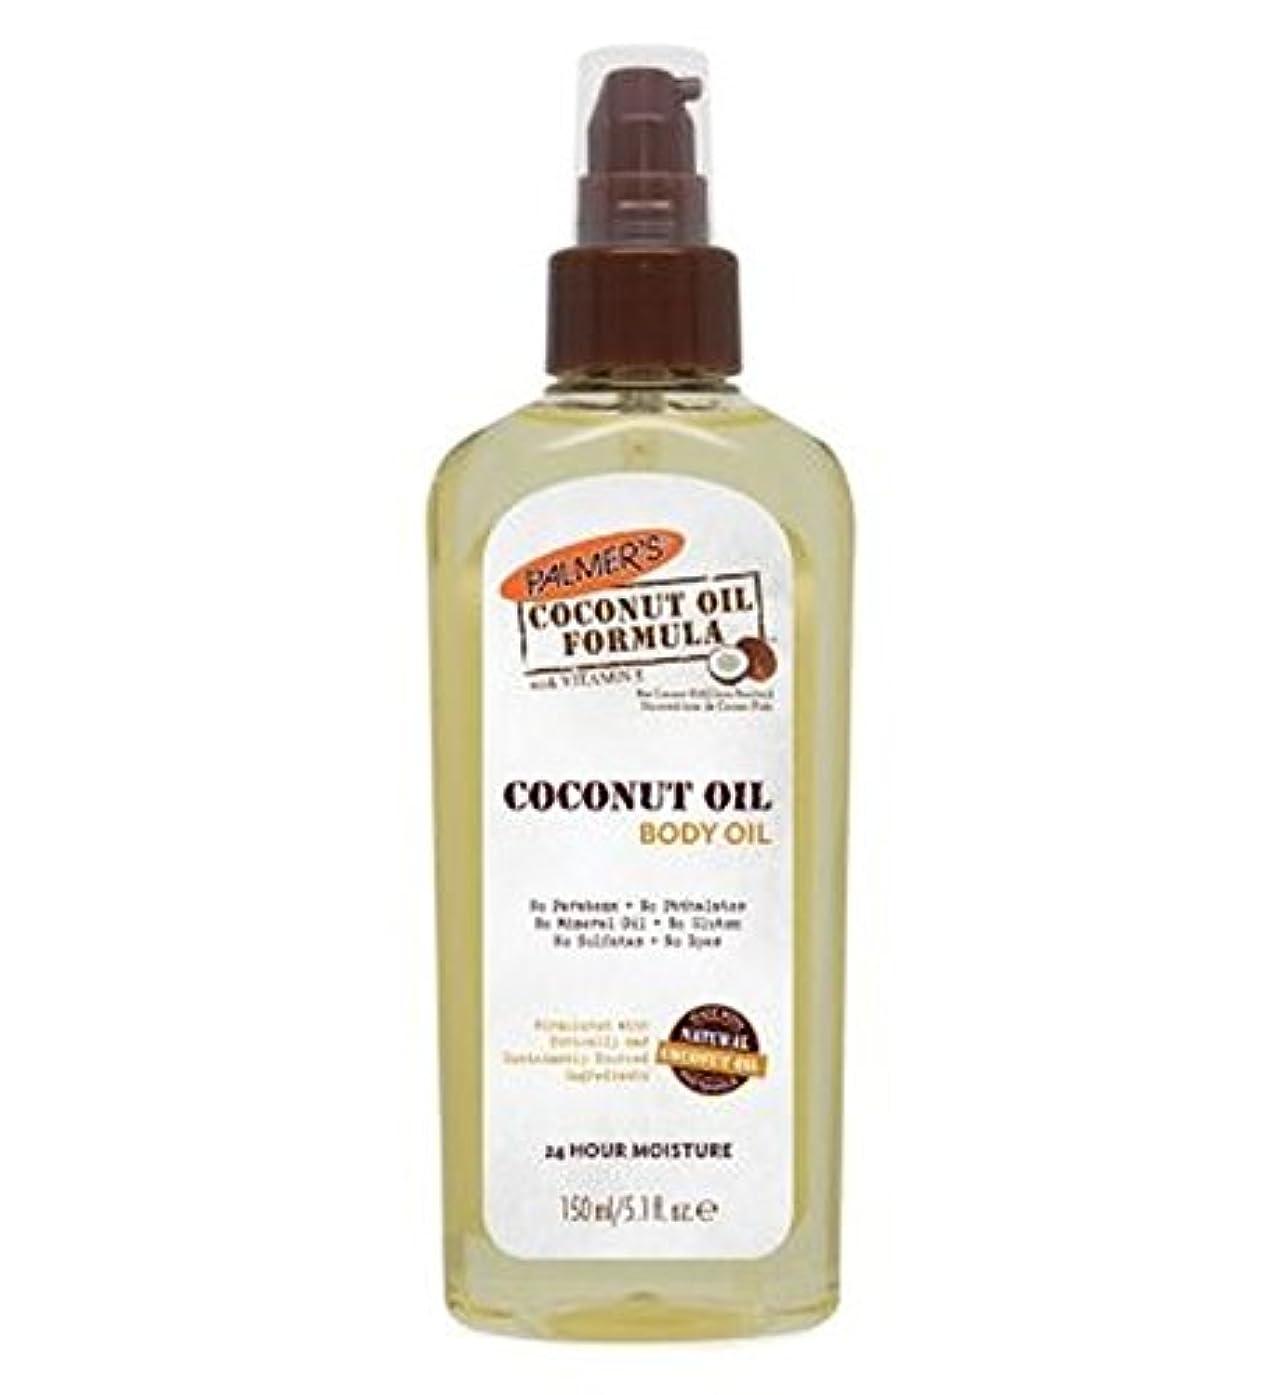 持ってる聞きますファンブルPalmer's Coconut Oil Formula Body Oil 150ml - パーマーのココナッツオイル式ボディオイル150ミリリットル (Palmer's) [並行輸入品]